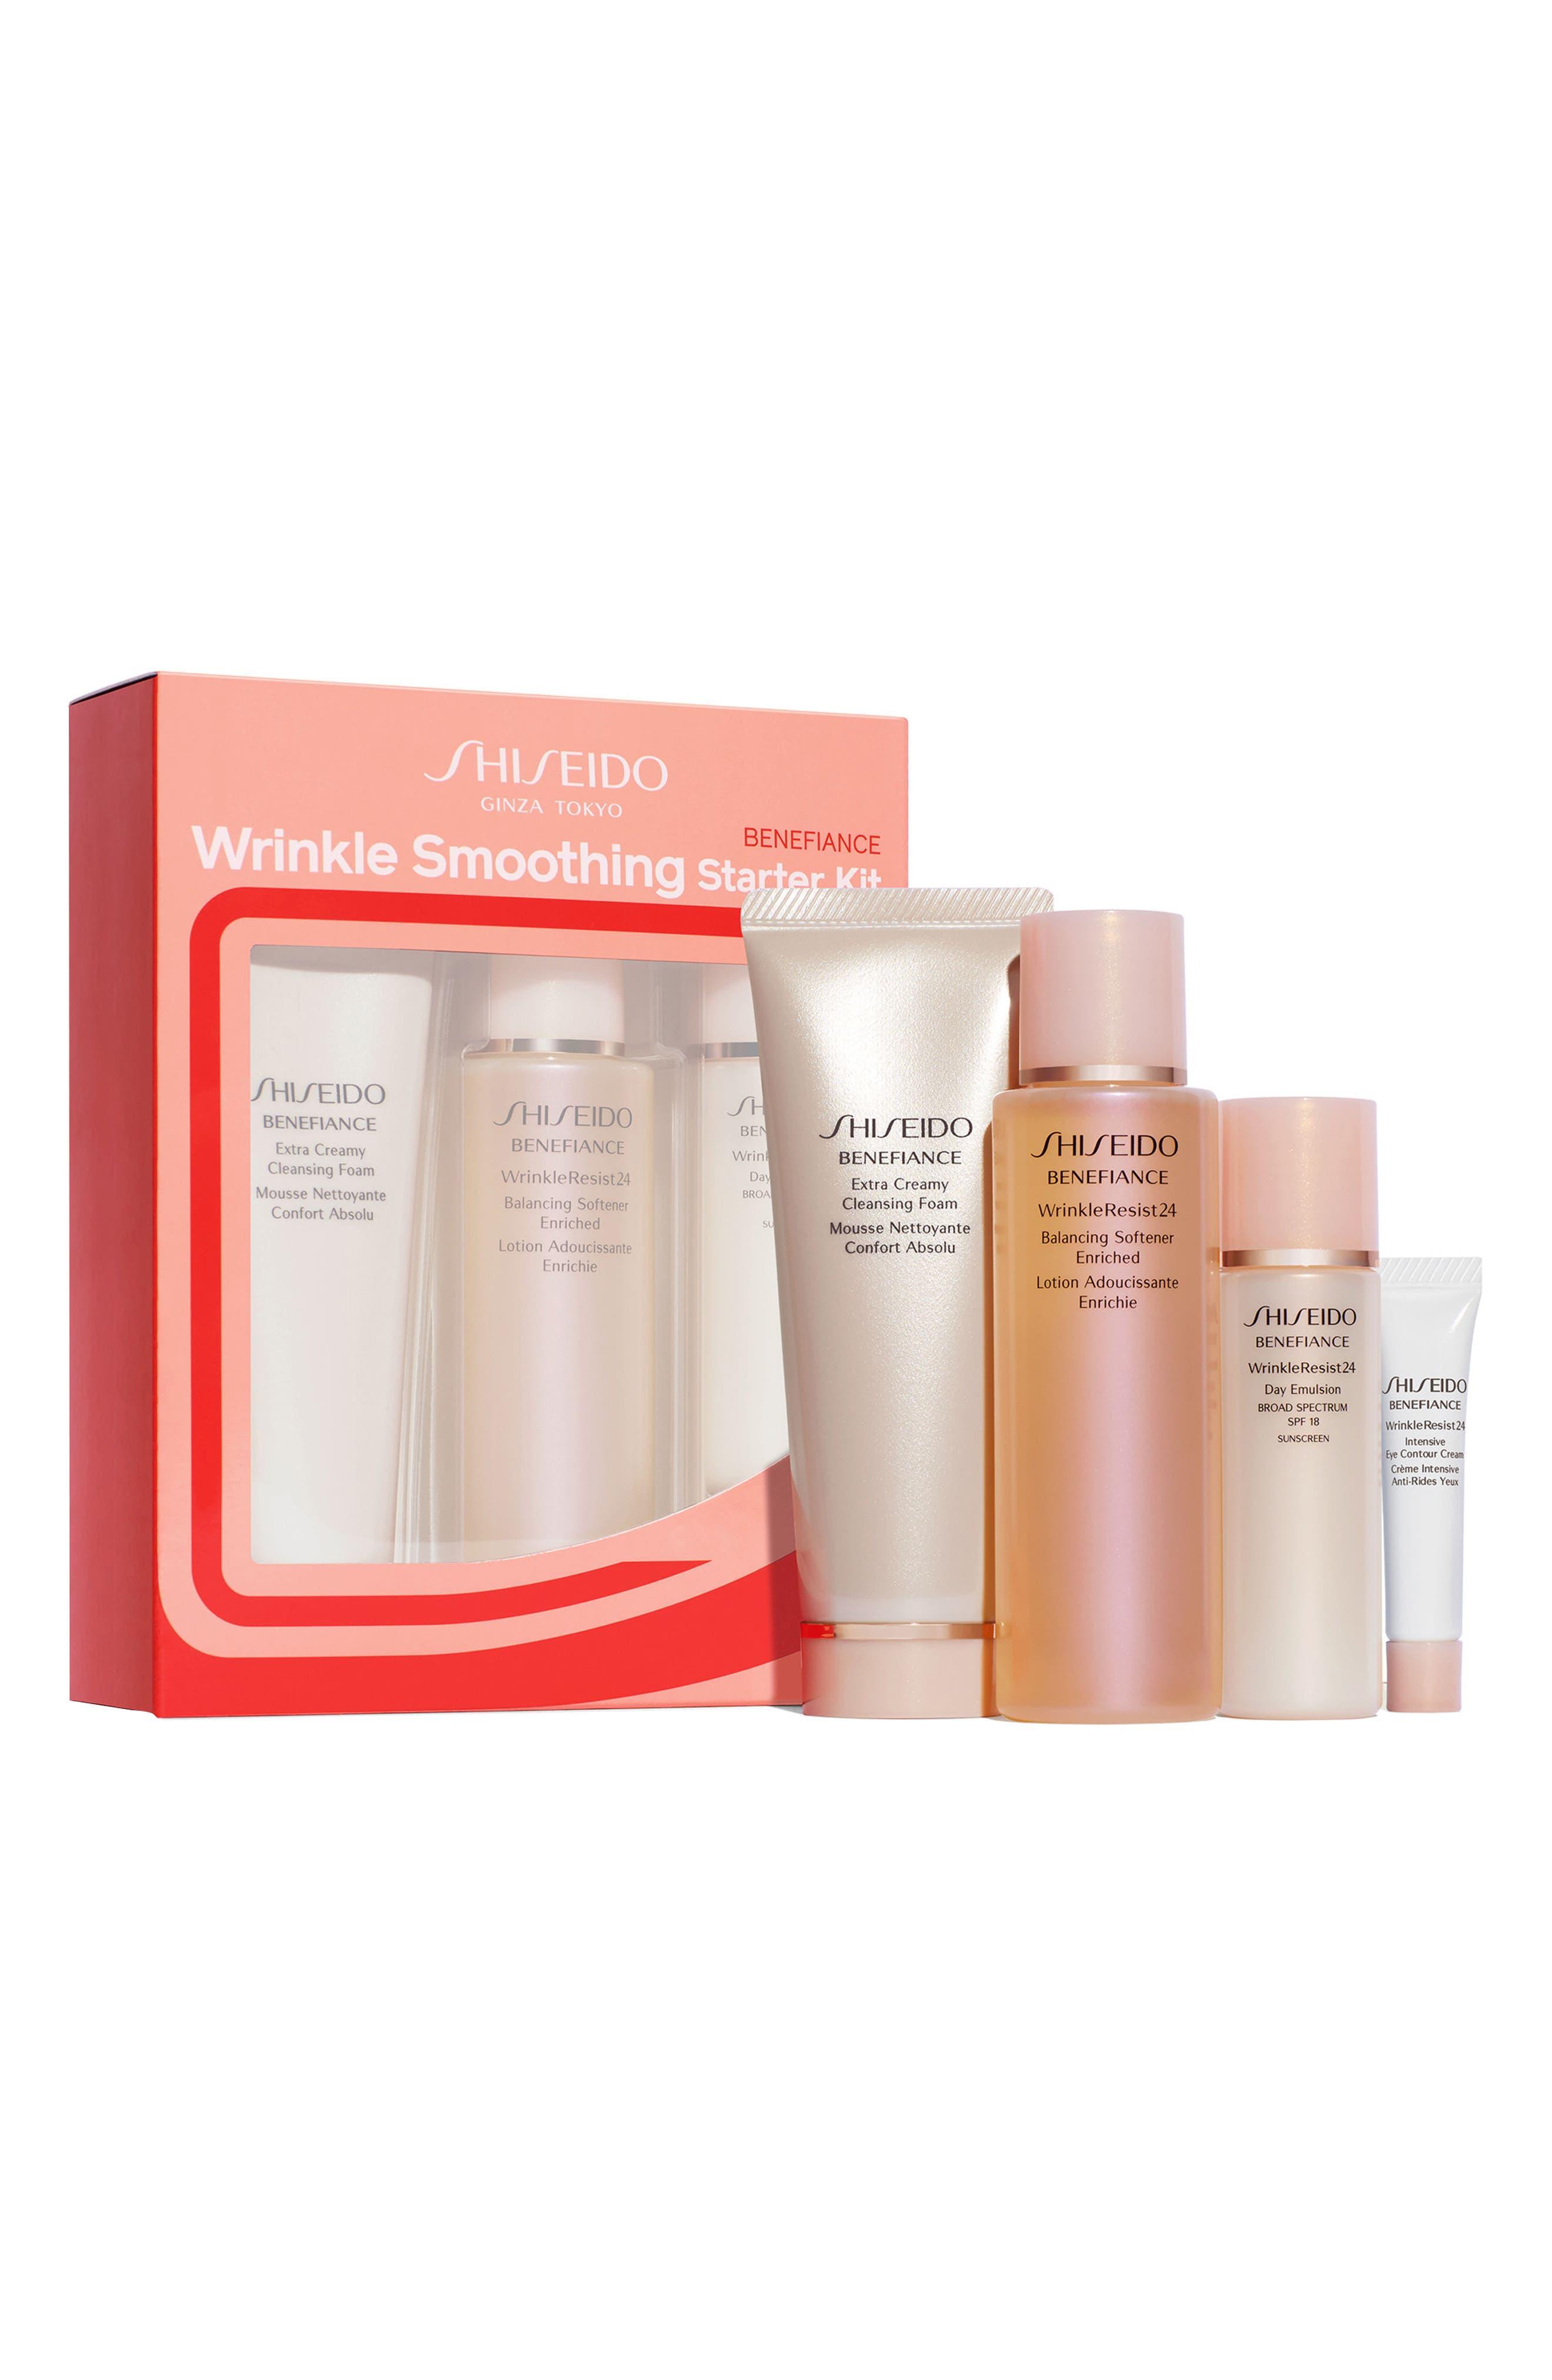 Shiseido Benefiance Wrinkle Smoothing Starter Set ($93 Value)